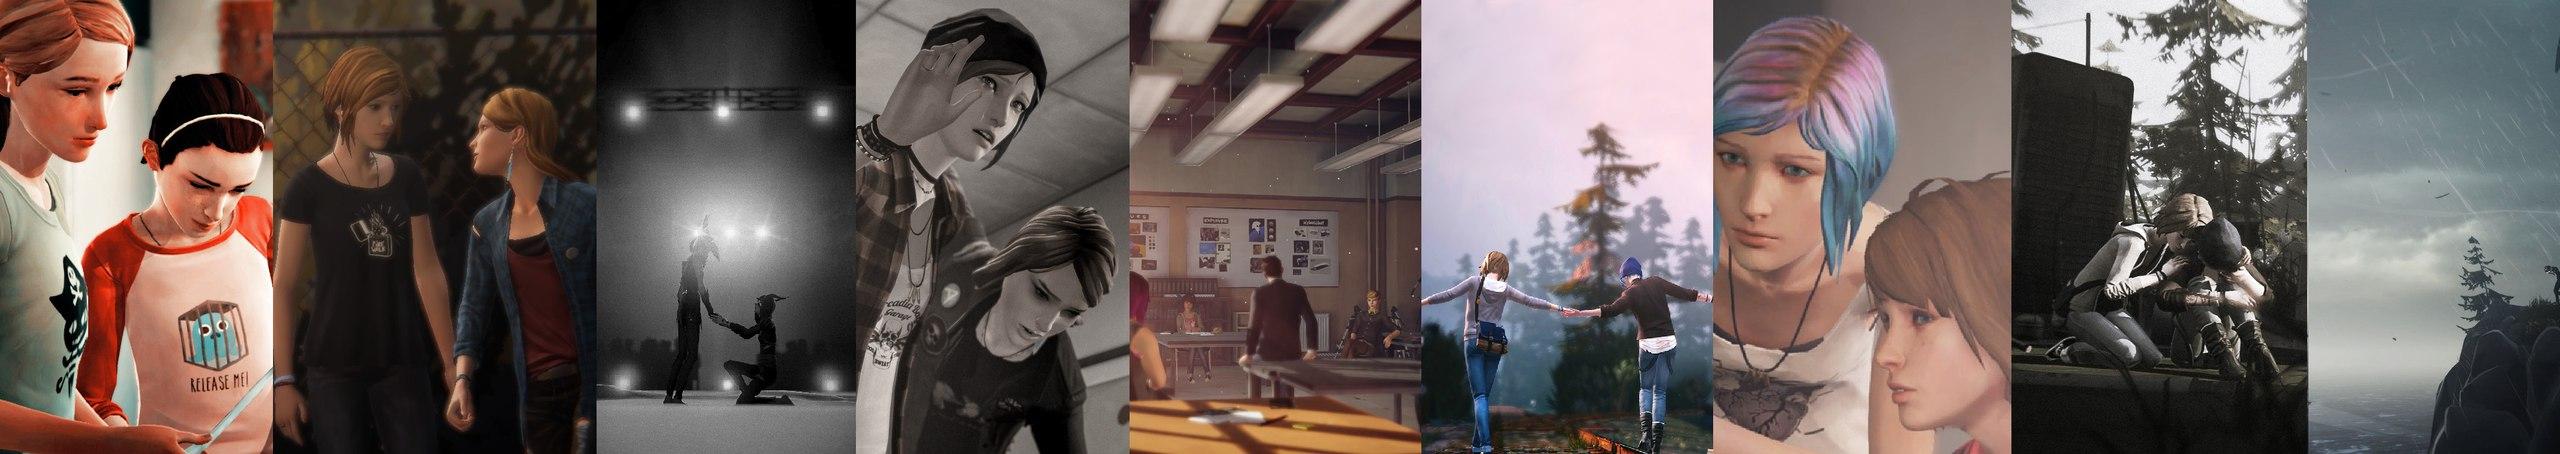 Скриншоты из всех эпизодов игр серии Life is Strange